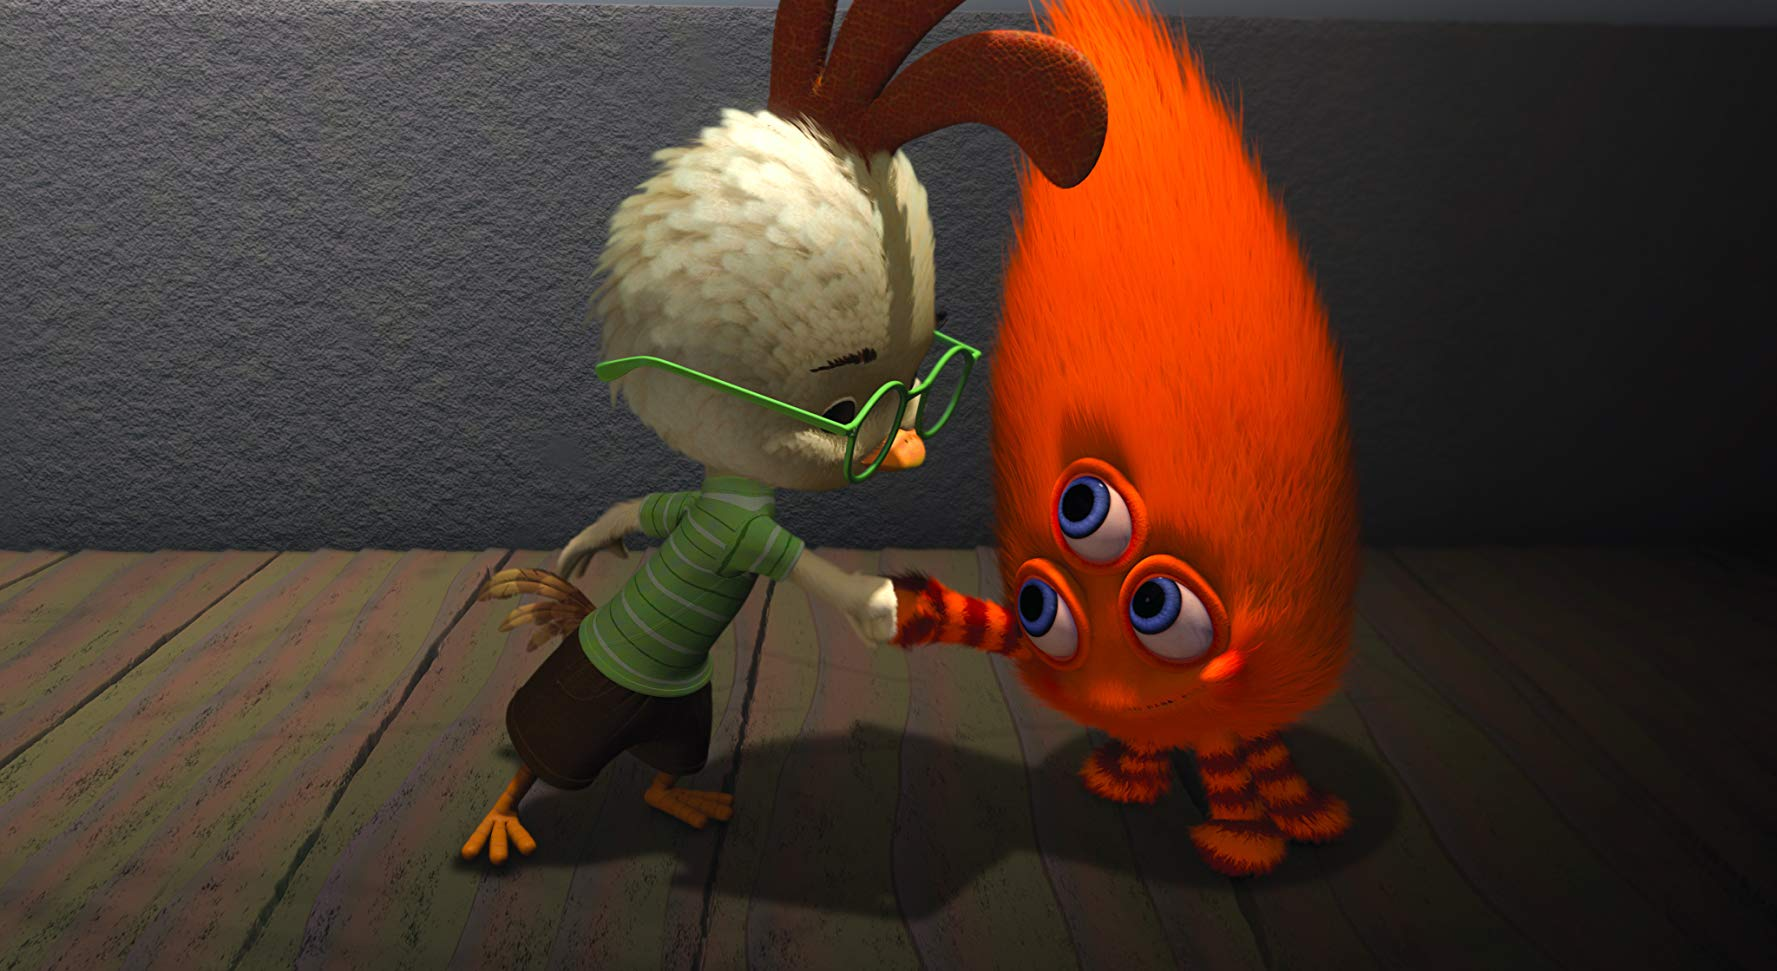 Chicken Little (voiced by Zach Braff) greets the alien visitors in Chicken Little (2005)